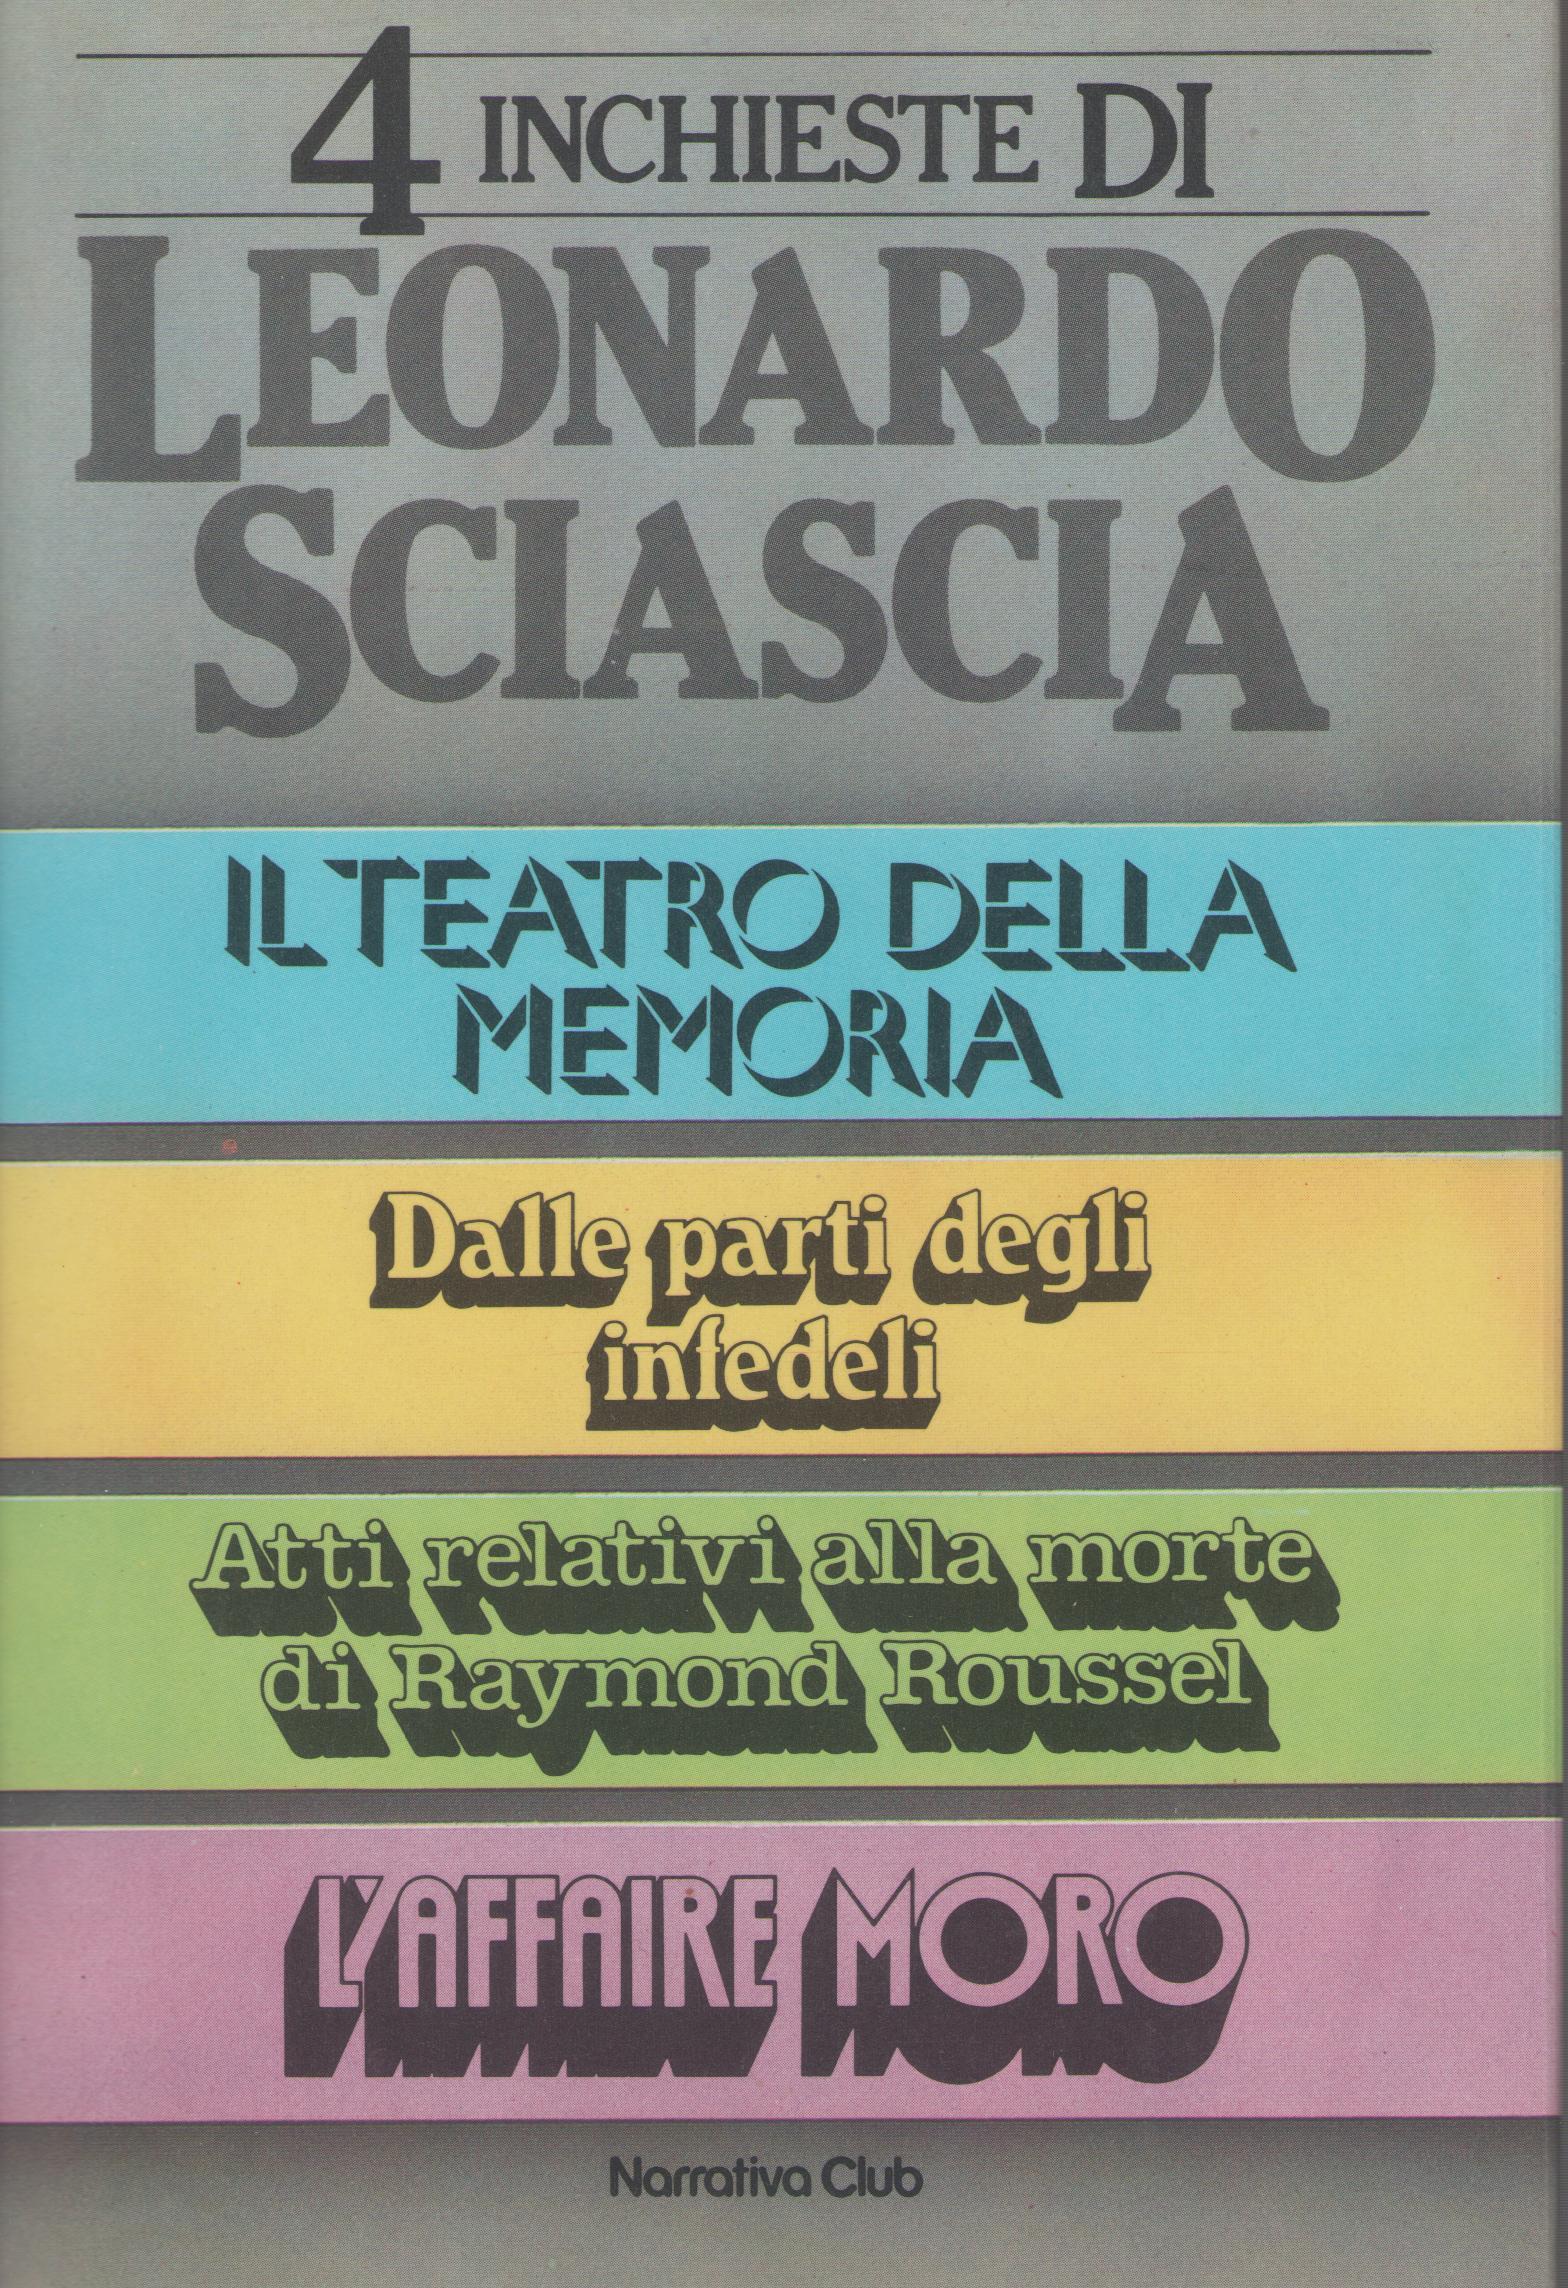 4 inchieste di Leonardo Sciascia